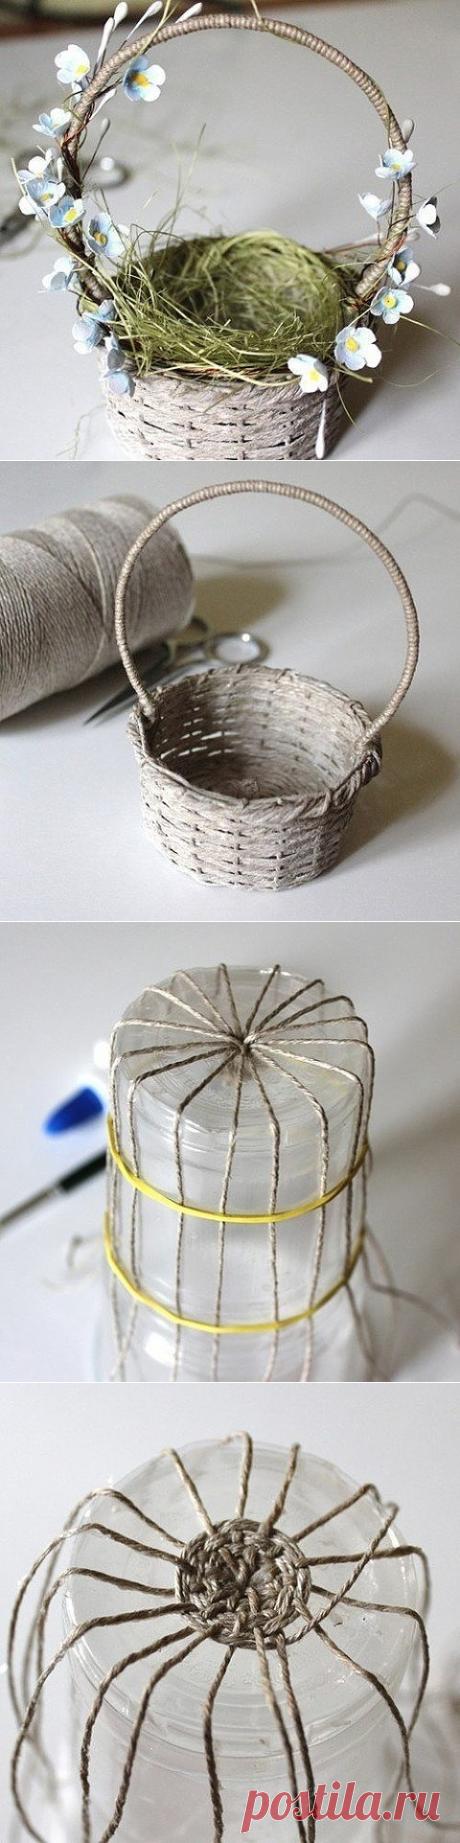 Простой способ плетения корзинки из джута